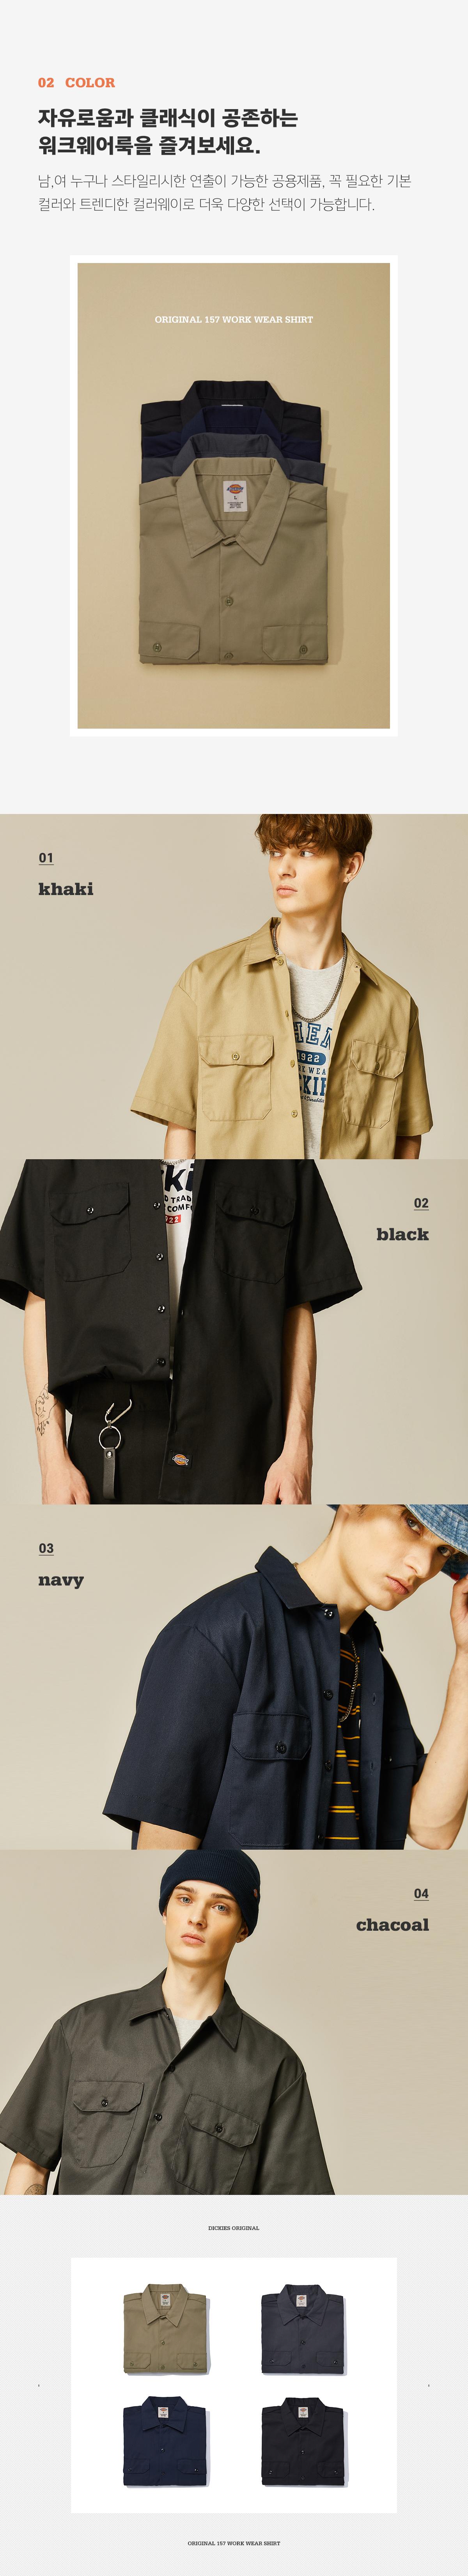 디키즈(DICKIES) 오리지널 157 워크웨어 셔츠 KHAKI [DWO5UTSH157-PKH]